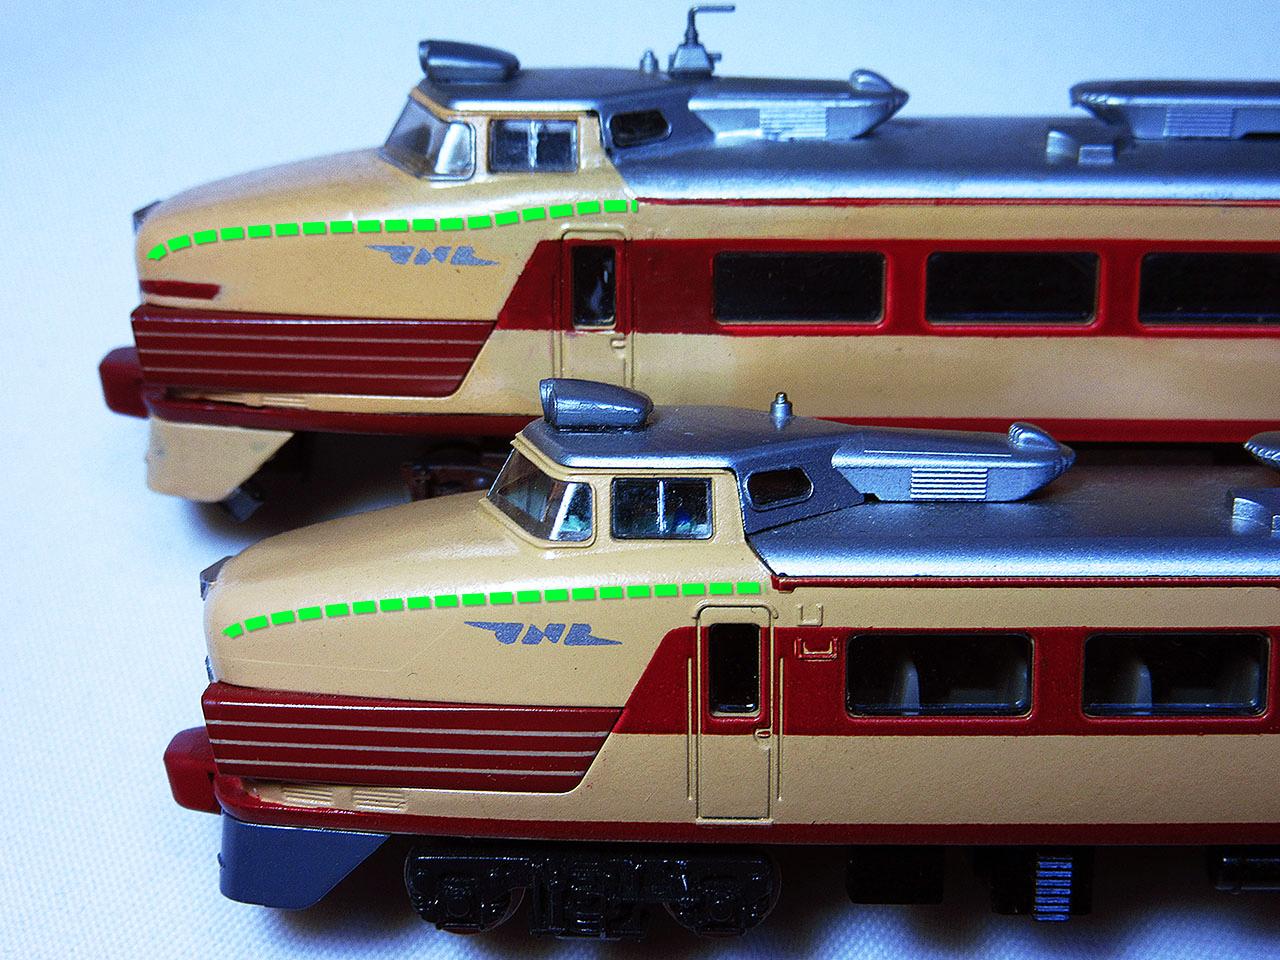 http://moritetsu.info/model-railway/img/IMG_5232sssss.jpg